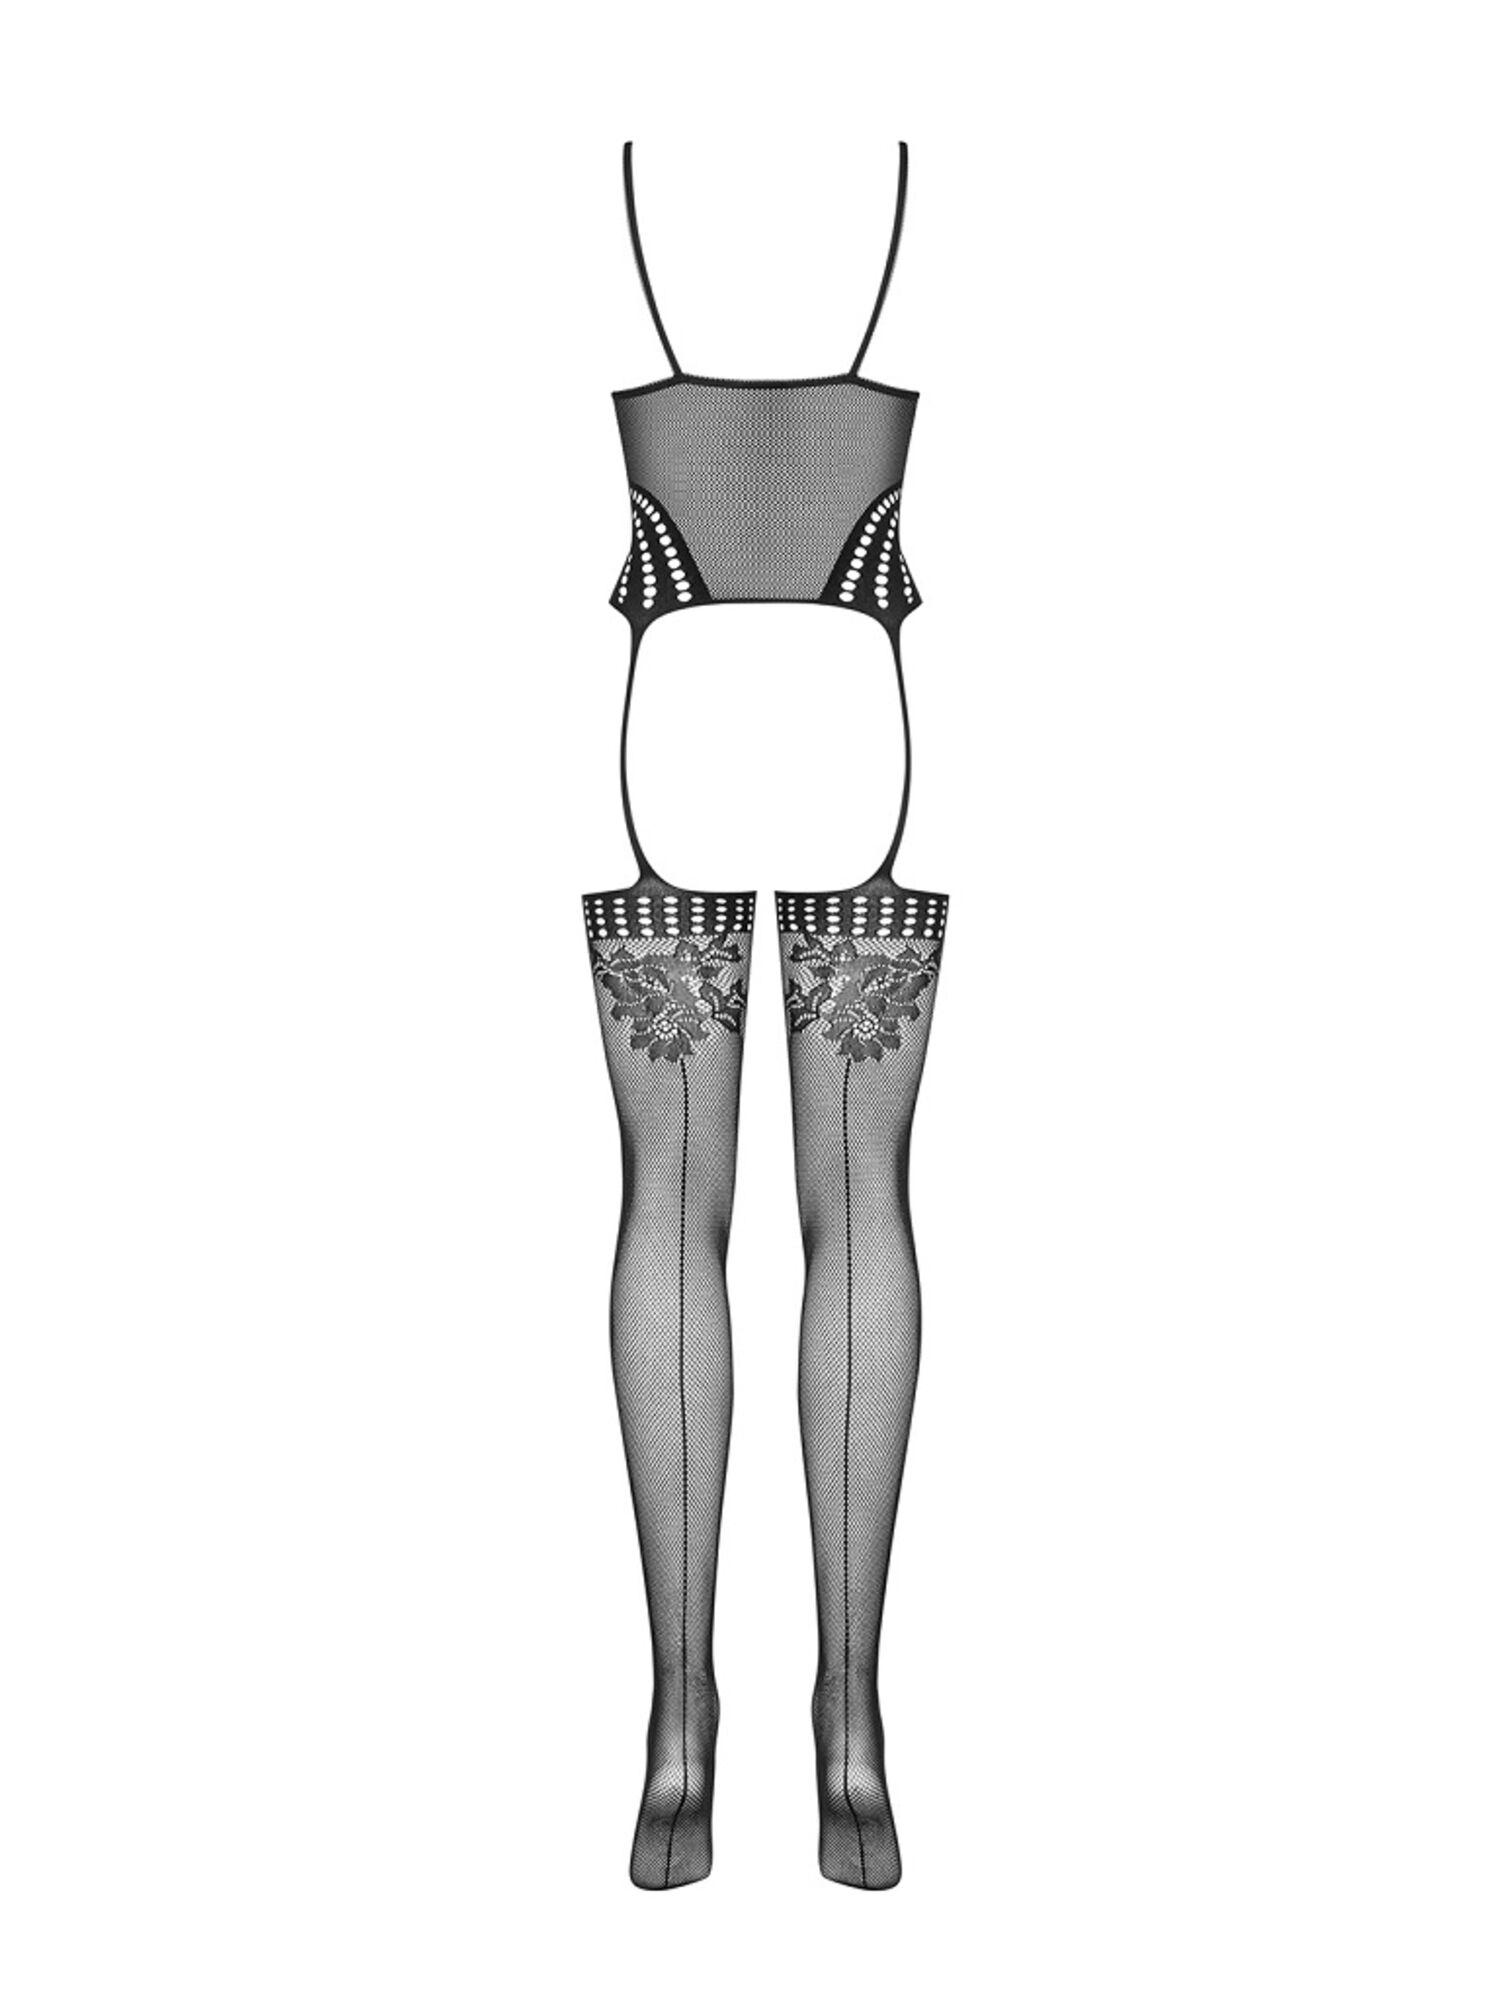 Боди эротическое F233 BODYSTOCKING черный, OBSESSIVE